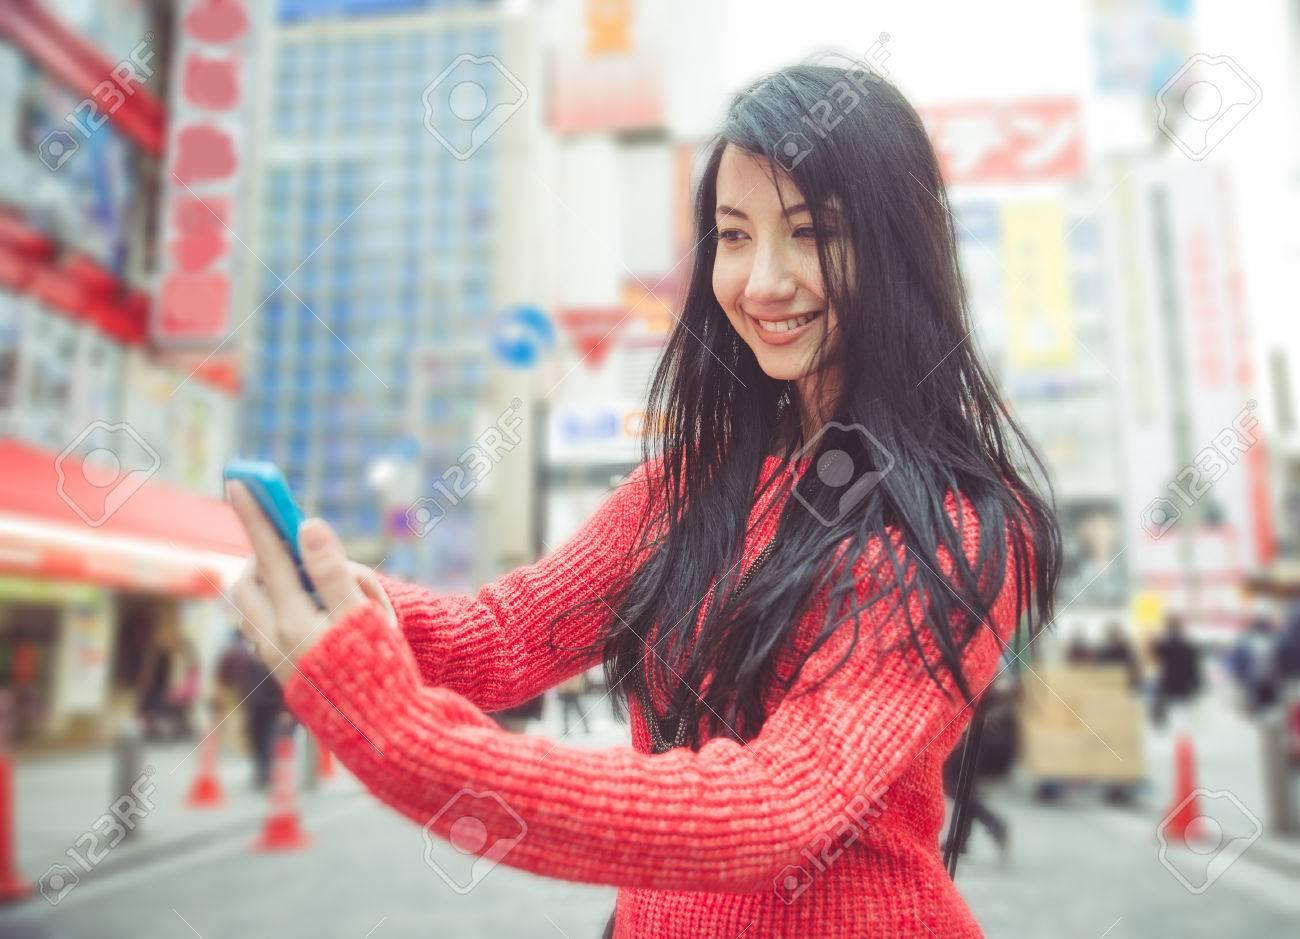 Freie Bilder von japanischen Mädchen #13